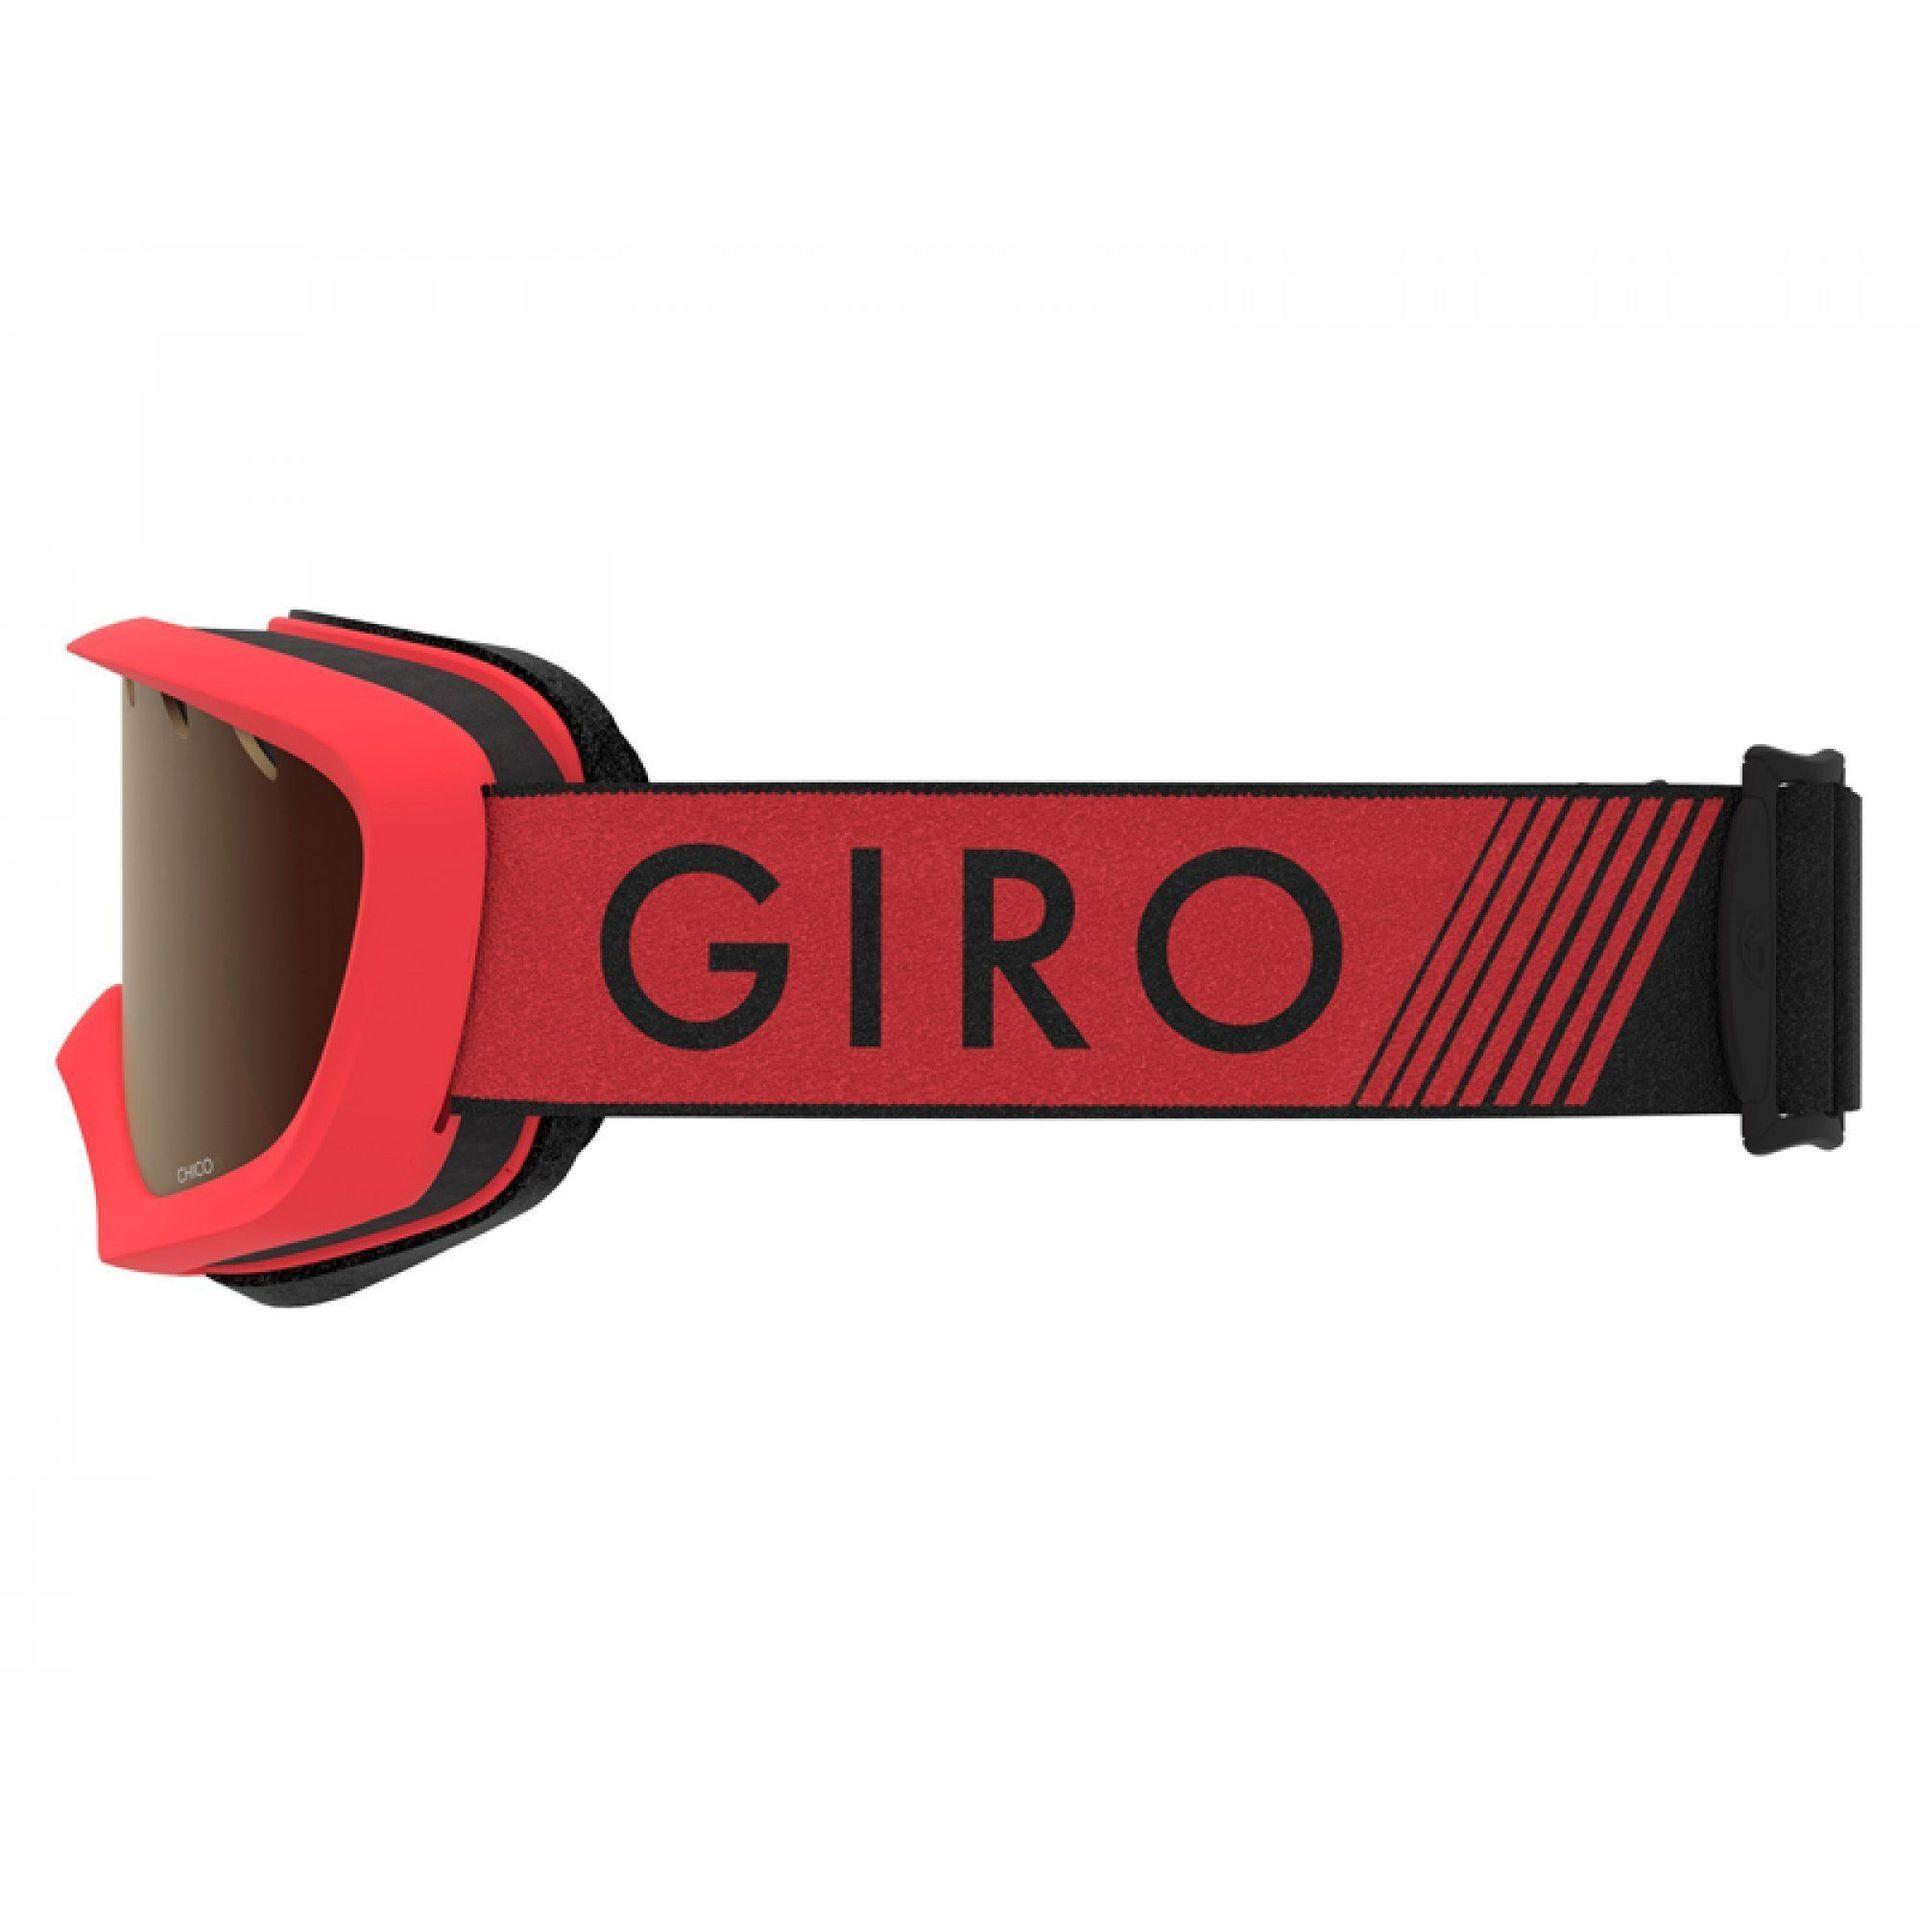 GOGLE GIRO CHICO RED BLACK ZOOM|AMBER ROSE 3